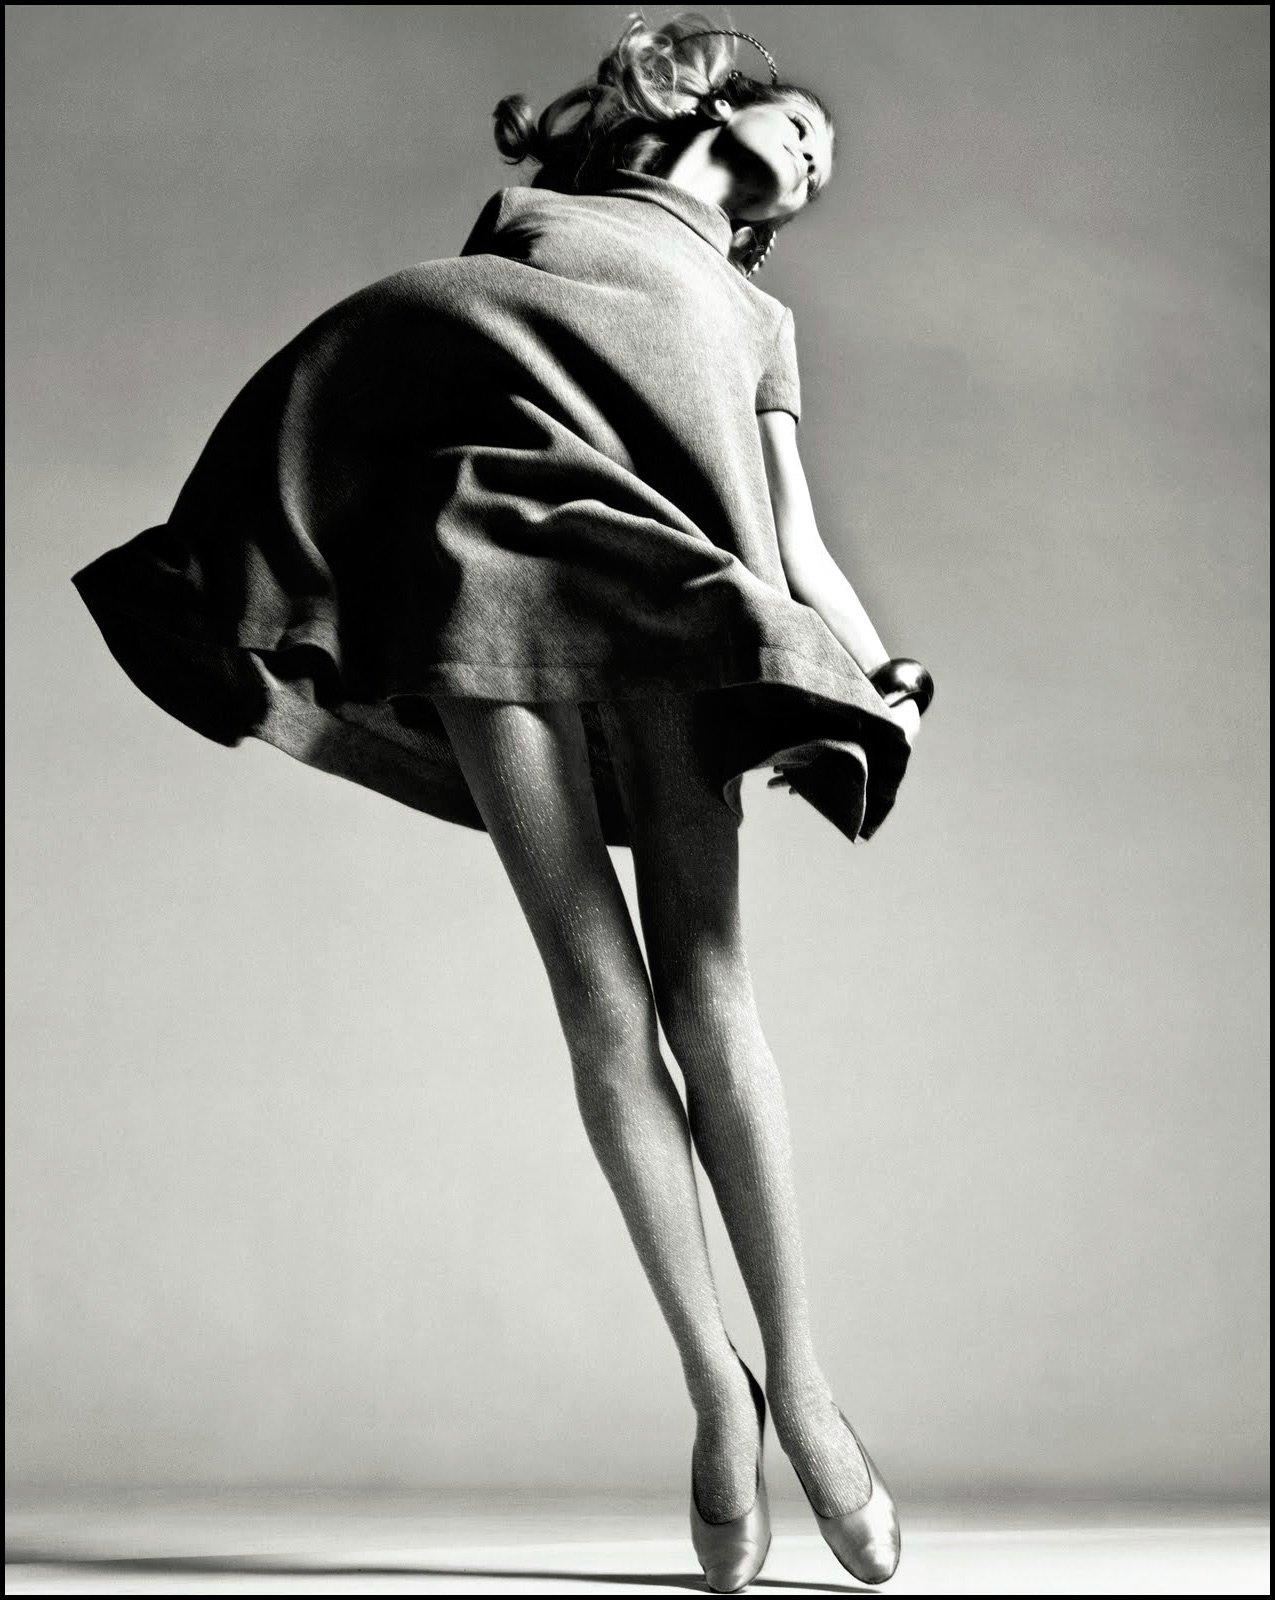 психологические самые стильные черно белые фотографии баланс нежности